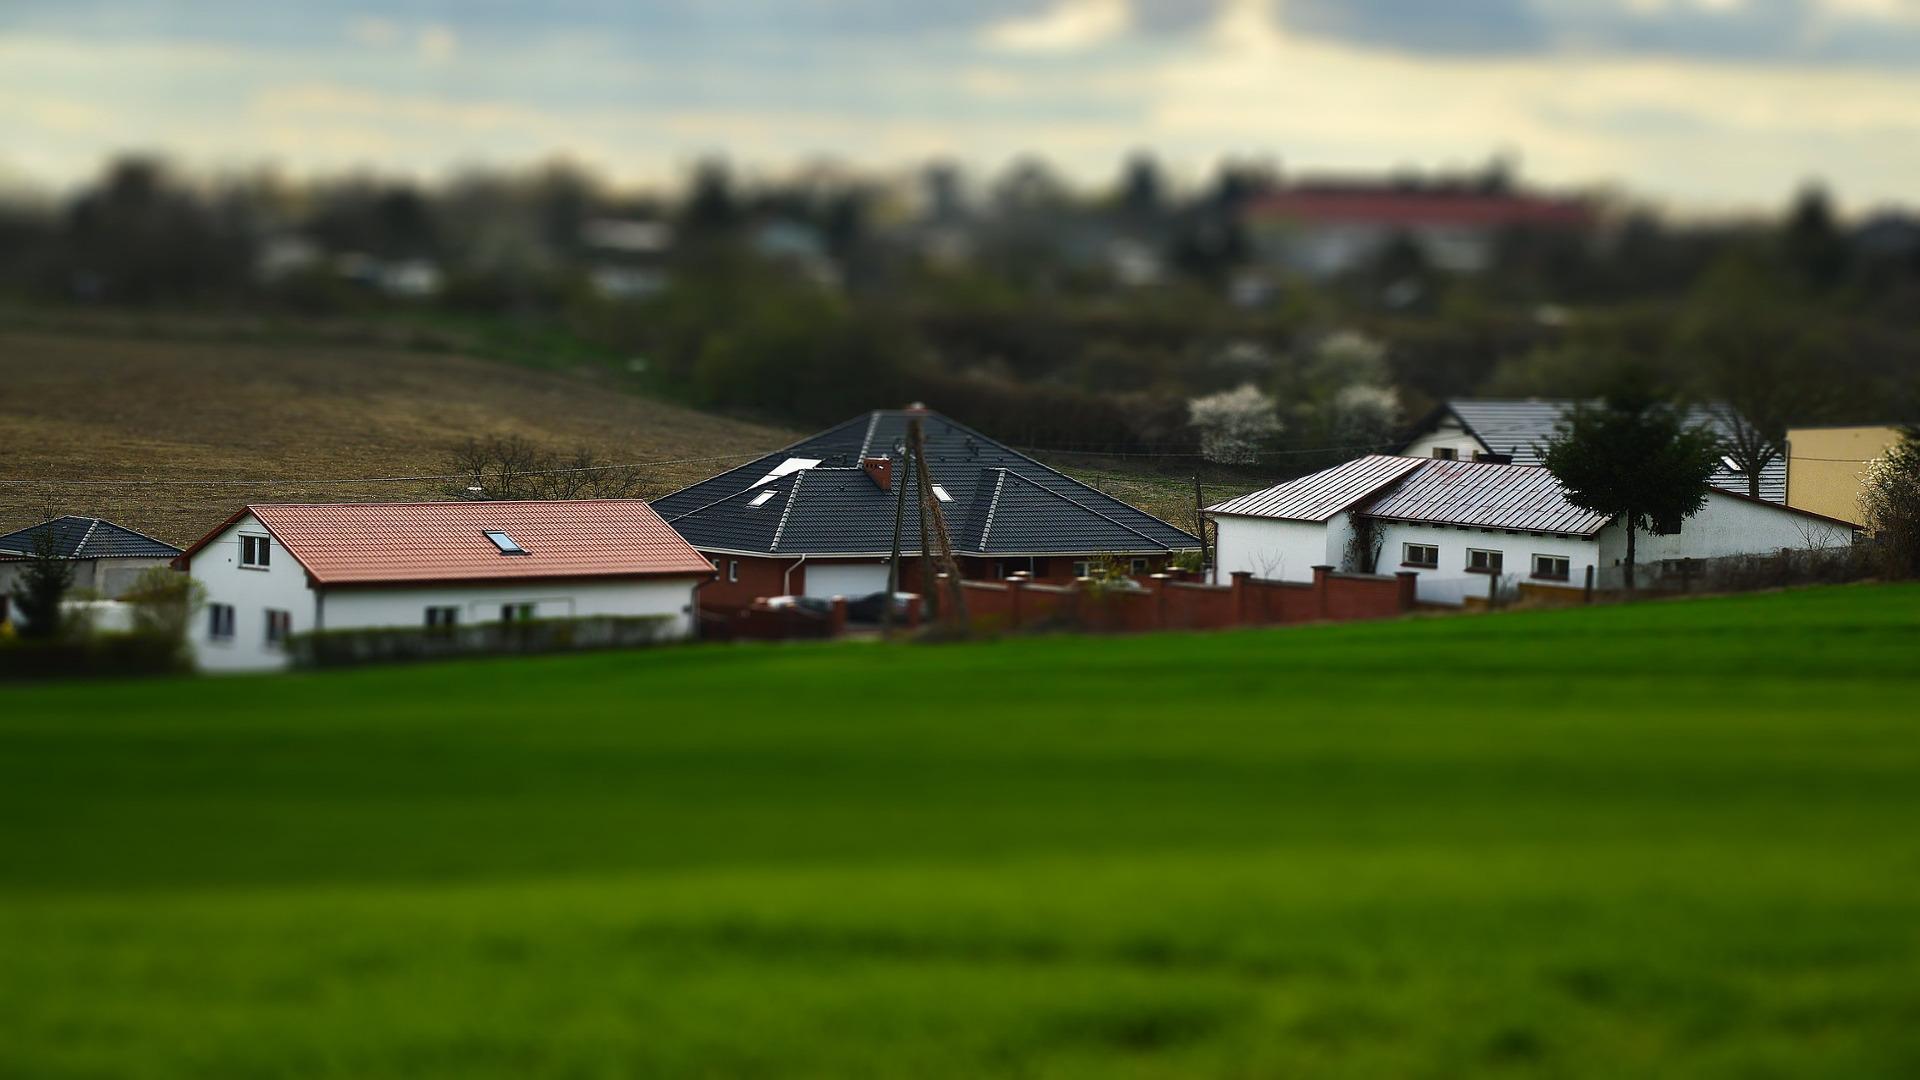 Se dispara la demanda de casas para emprender en el rural1920